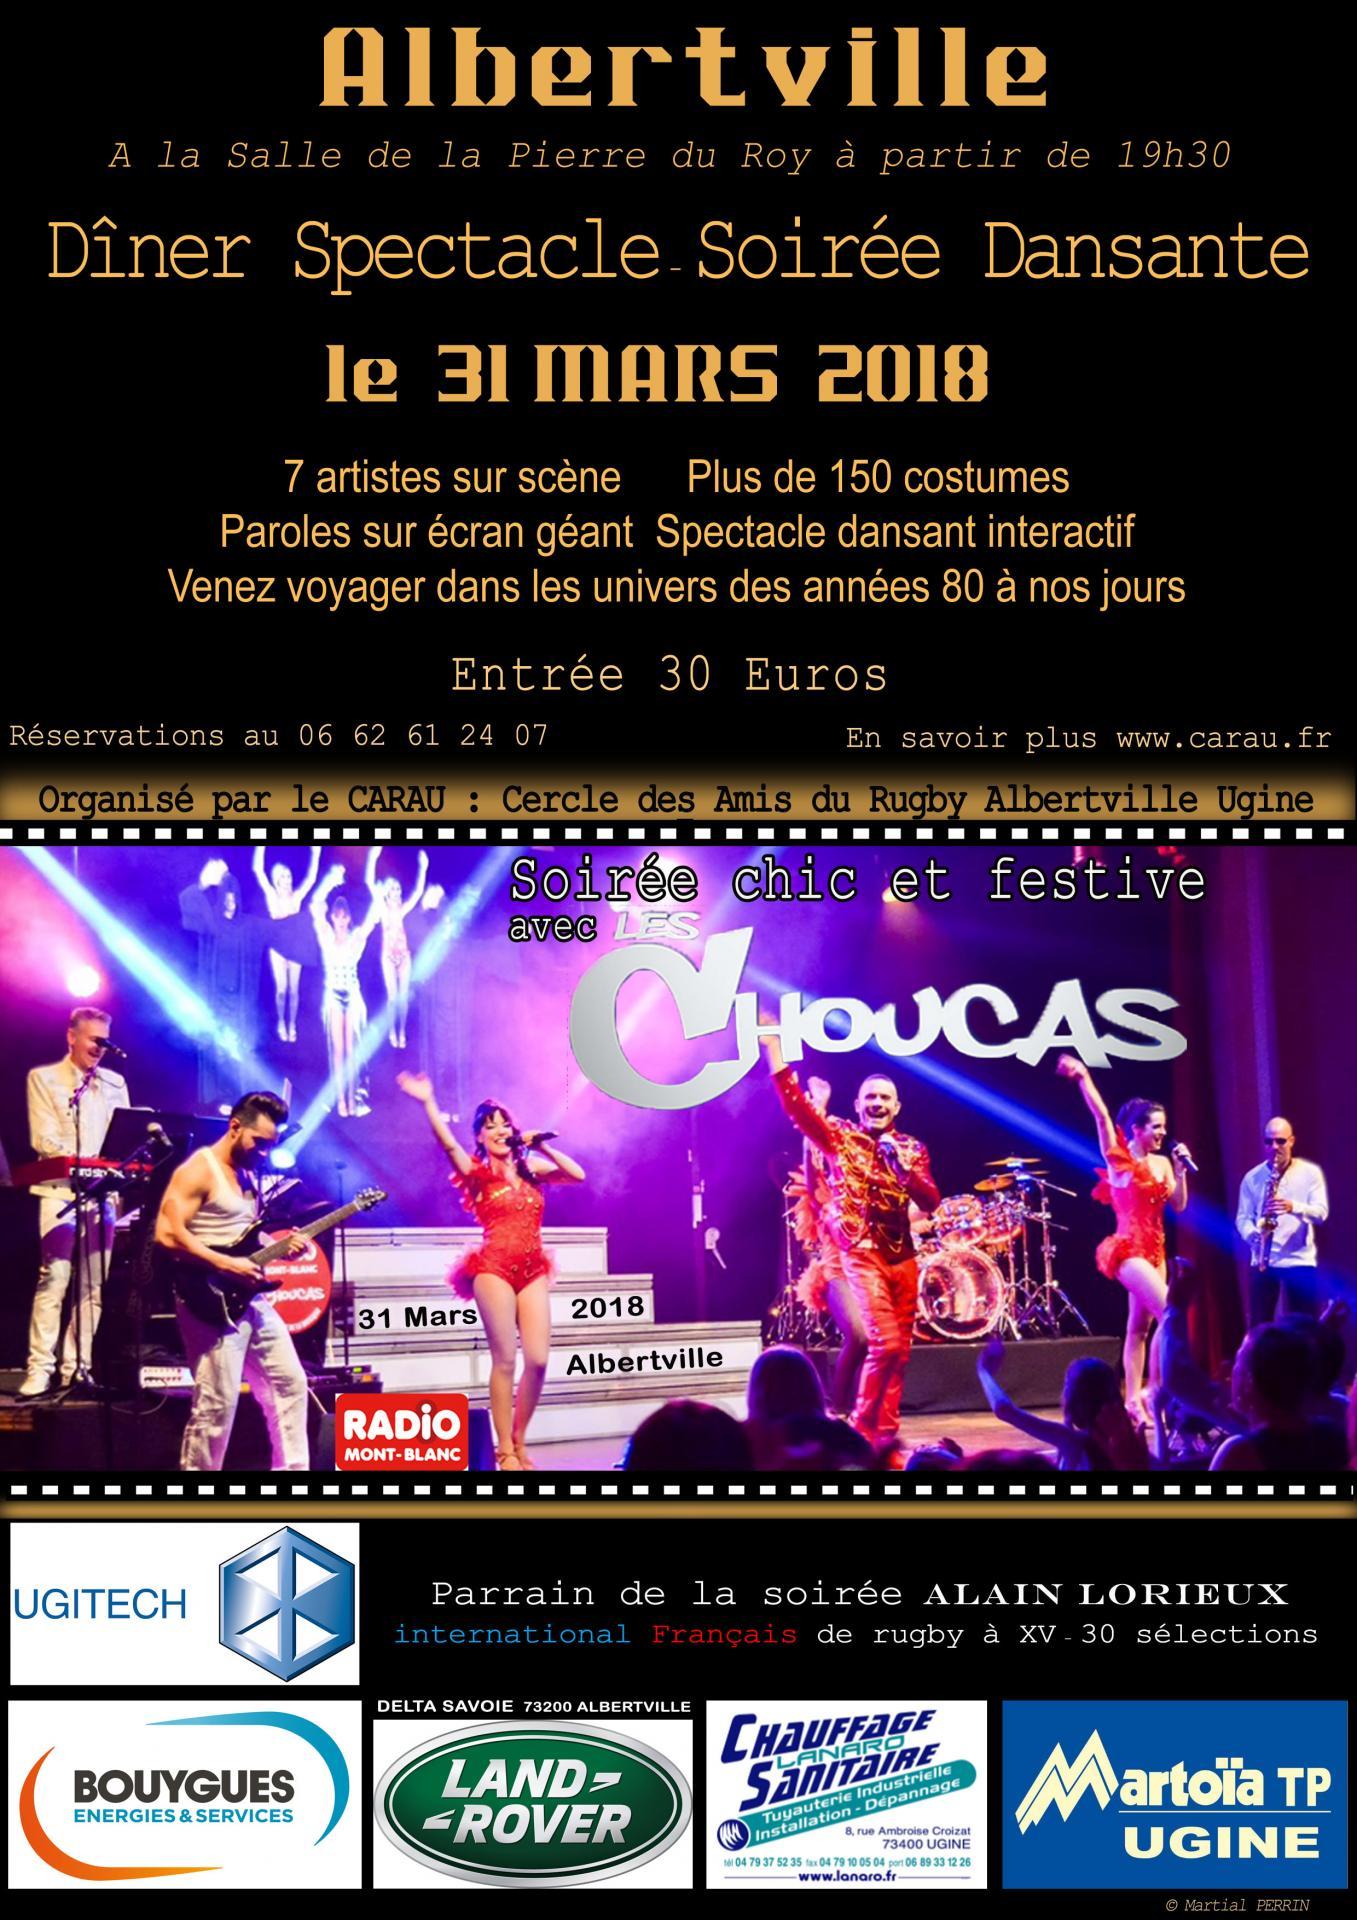 Affiche Les Choucas M. Perrin 2018